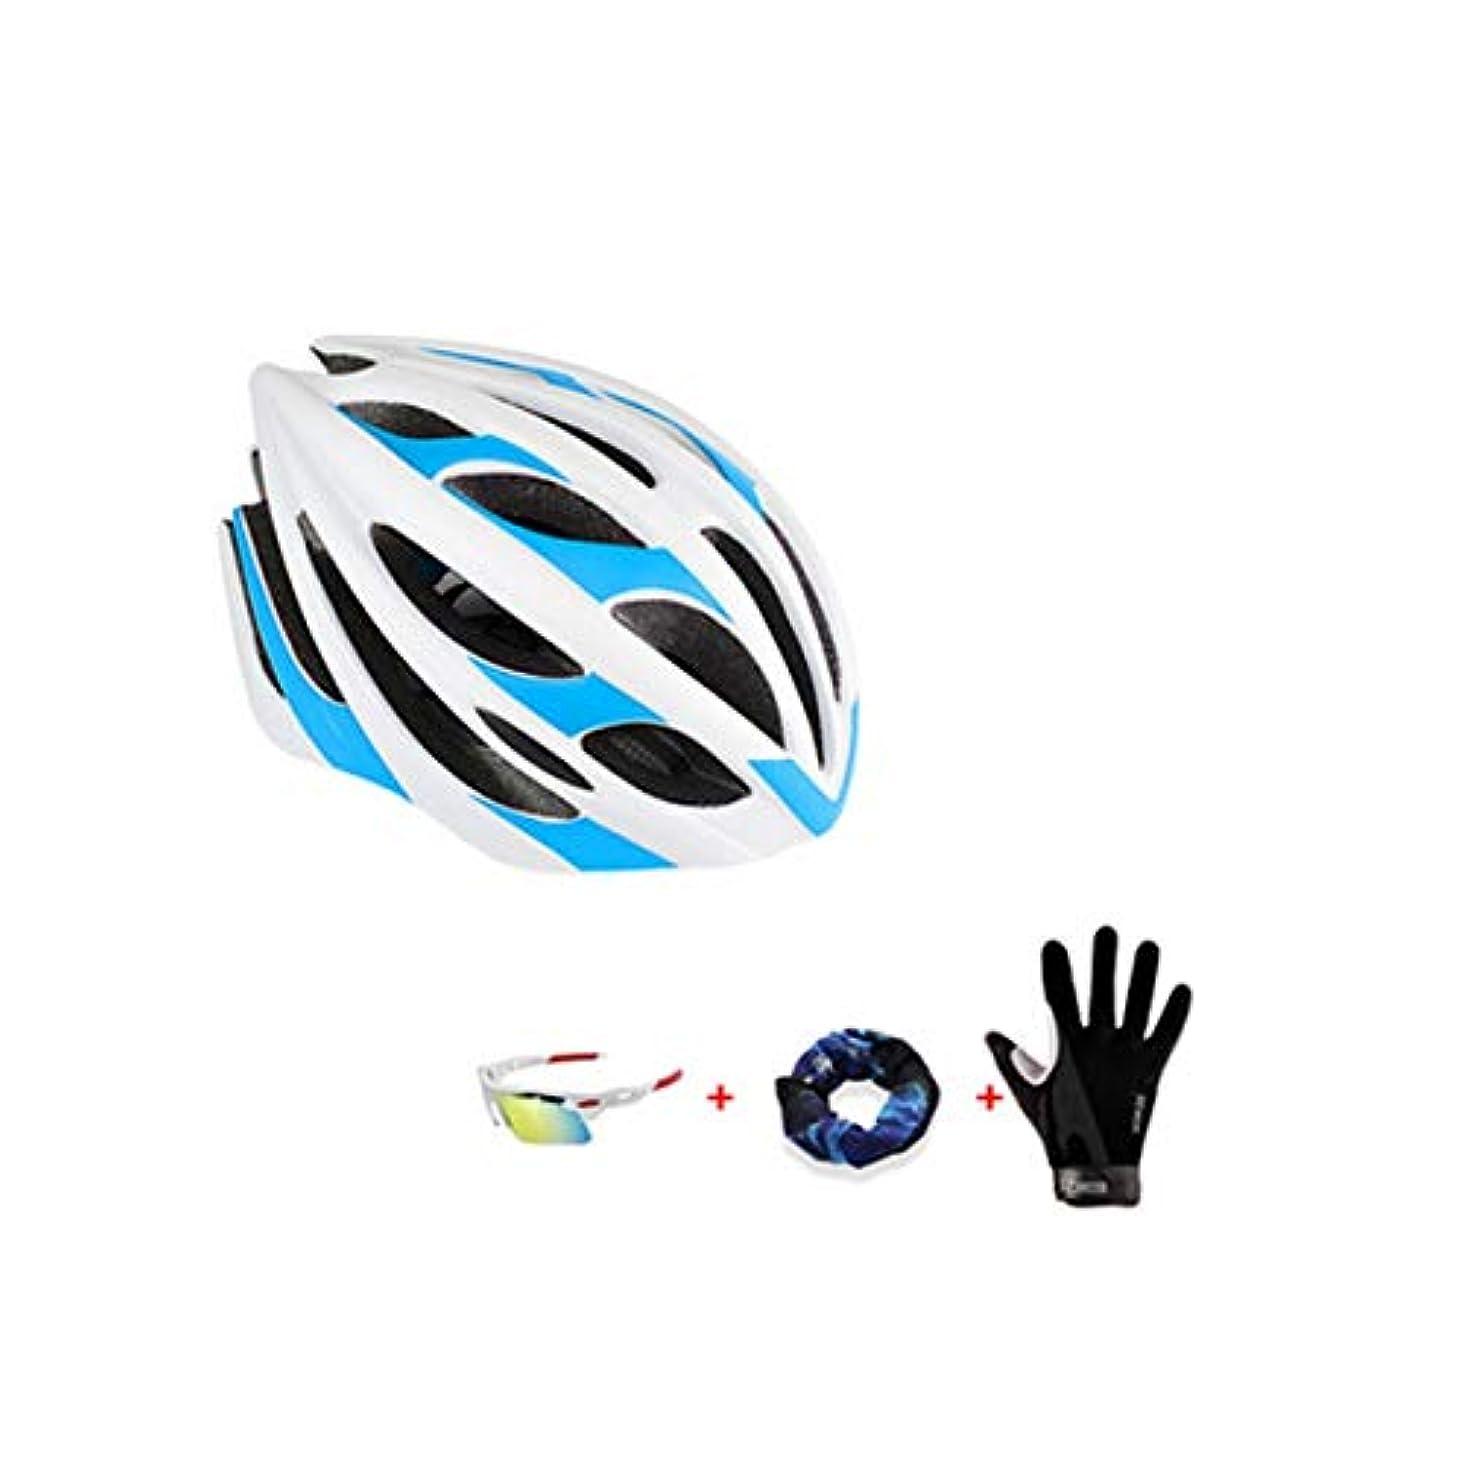 エッセイ語潮CQIANG エアフロー自転車用ヘルメット、インモールド補強スケルトン、追加保護、57?62cm頭の円周に適し、赤、青 ComfortSafety